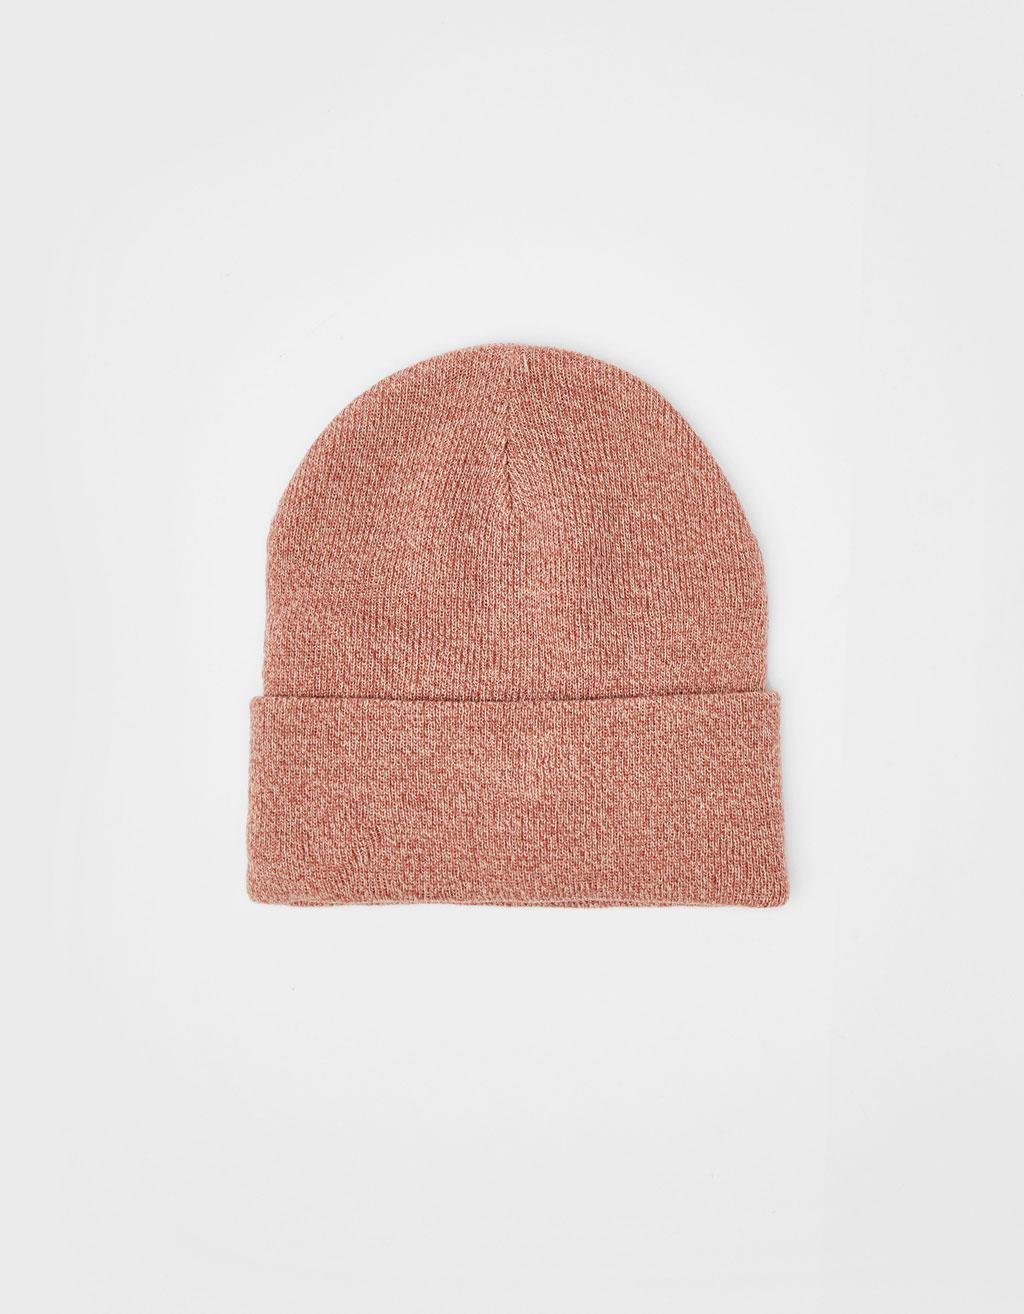 ニットビーニー帽